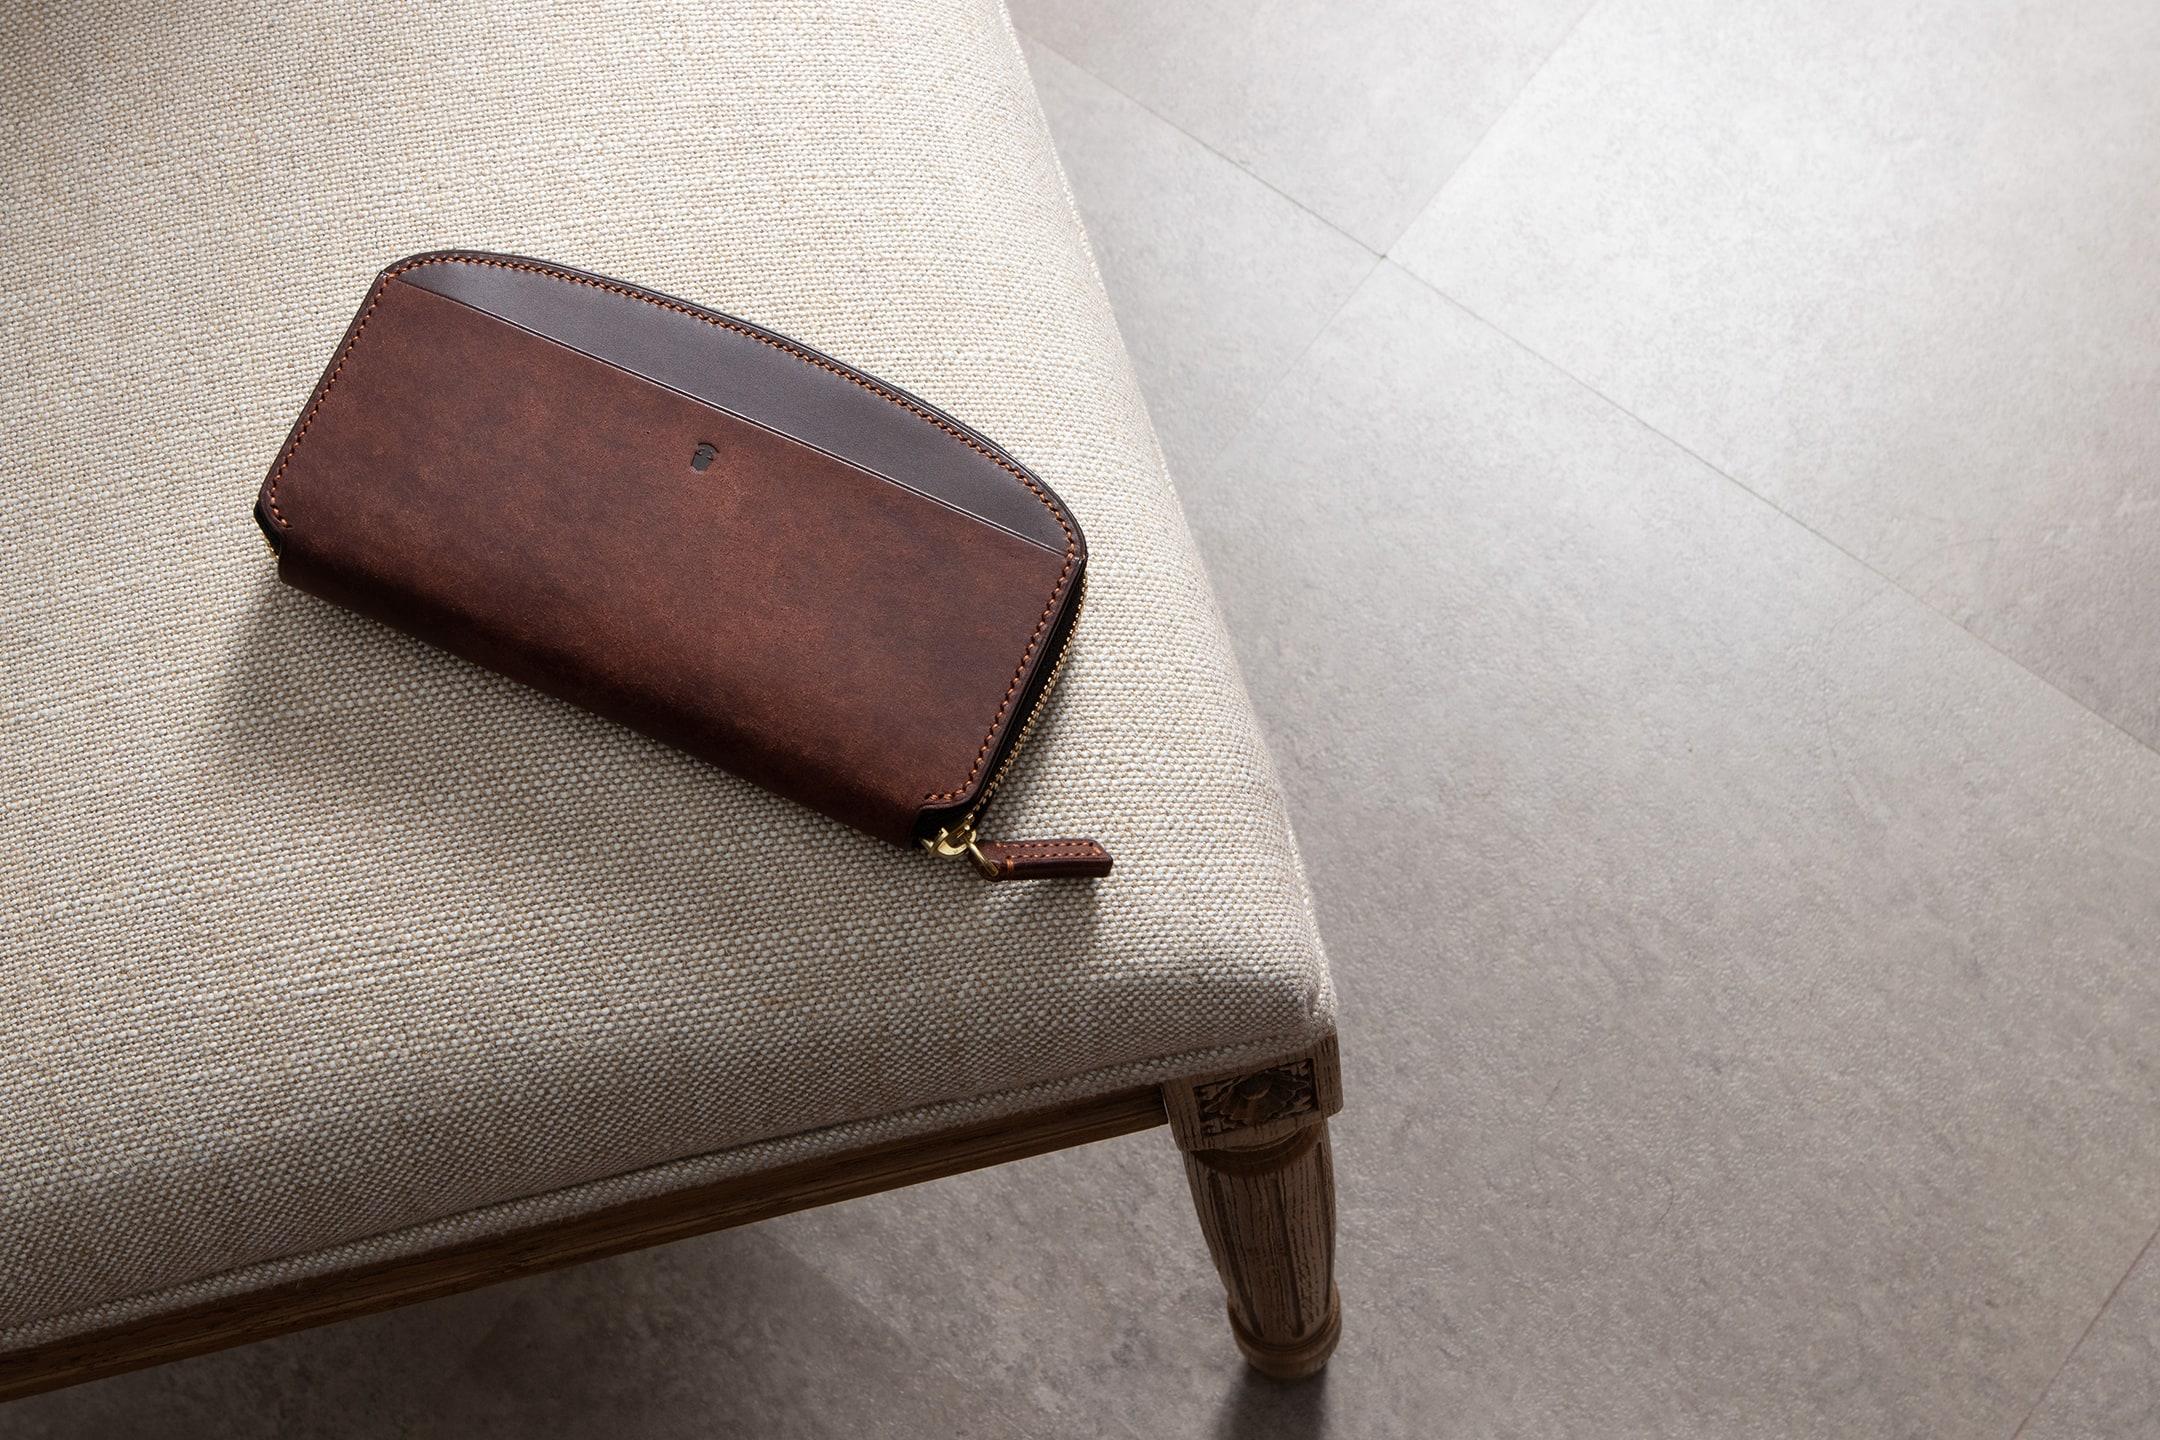 プエブロ ラウンドジップ長財布 by Cobalt Leather Works(コバルトレザーワークス)